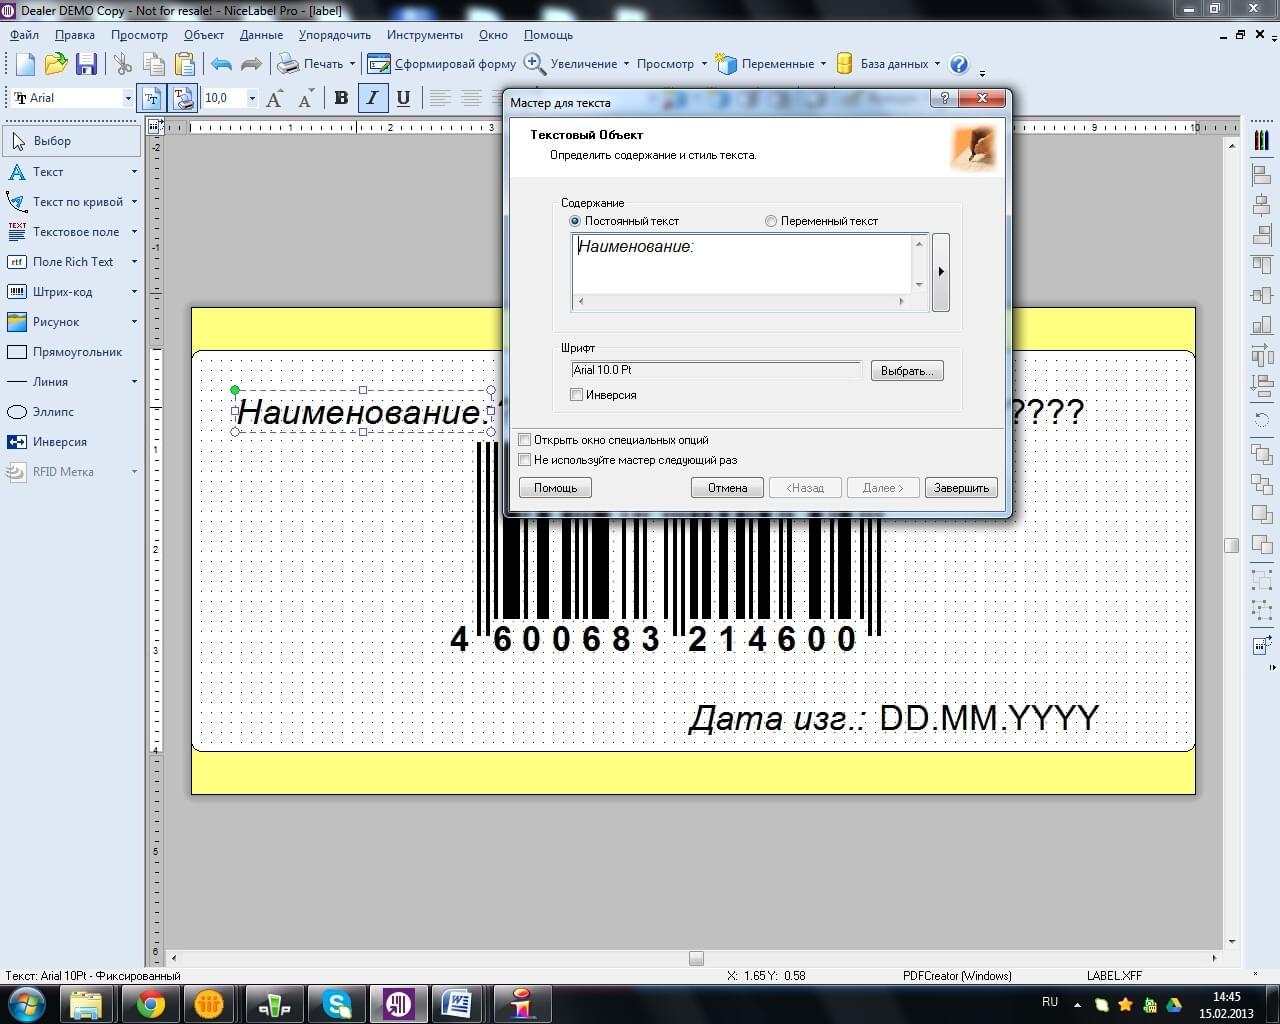 Скриншот программы Nice Label Designer Express